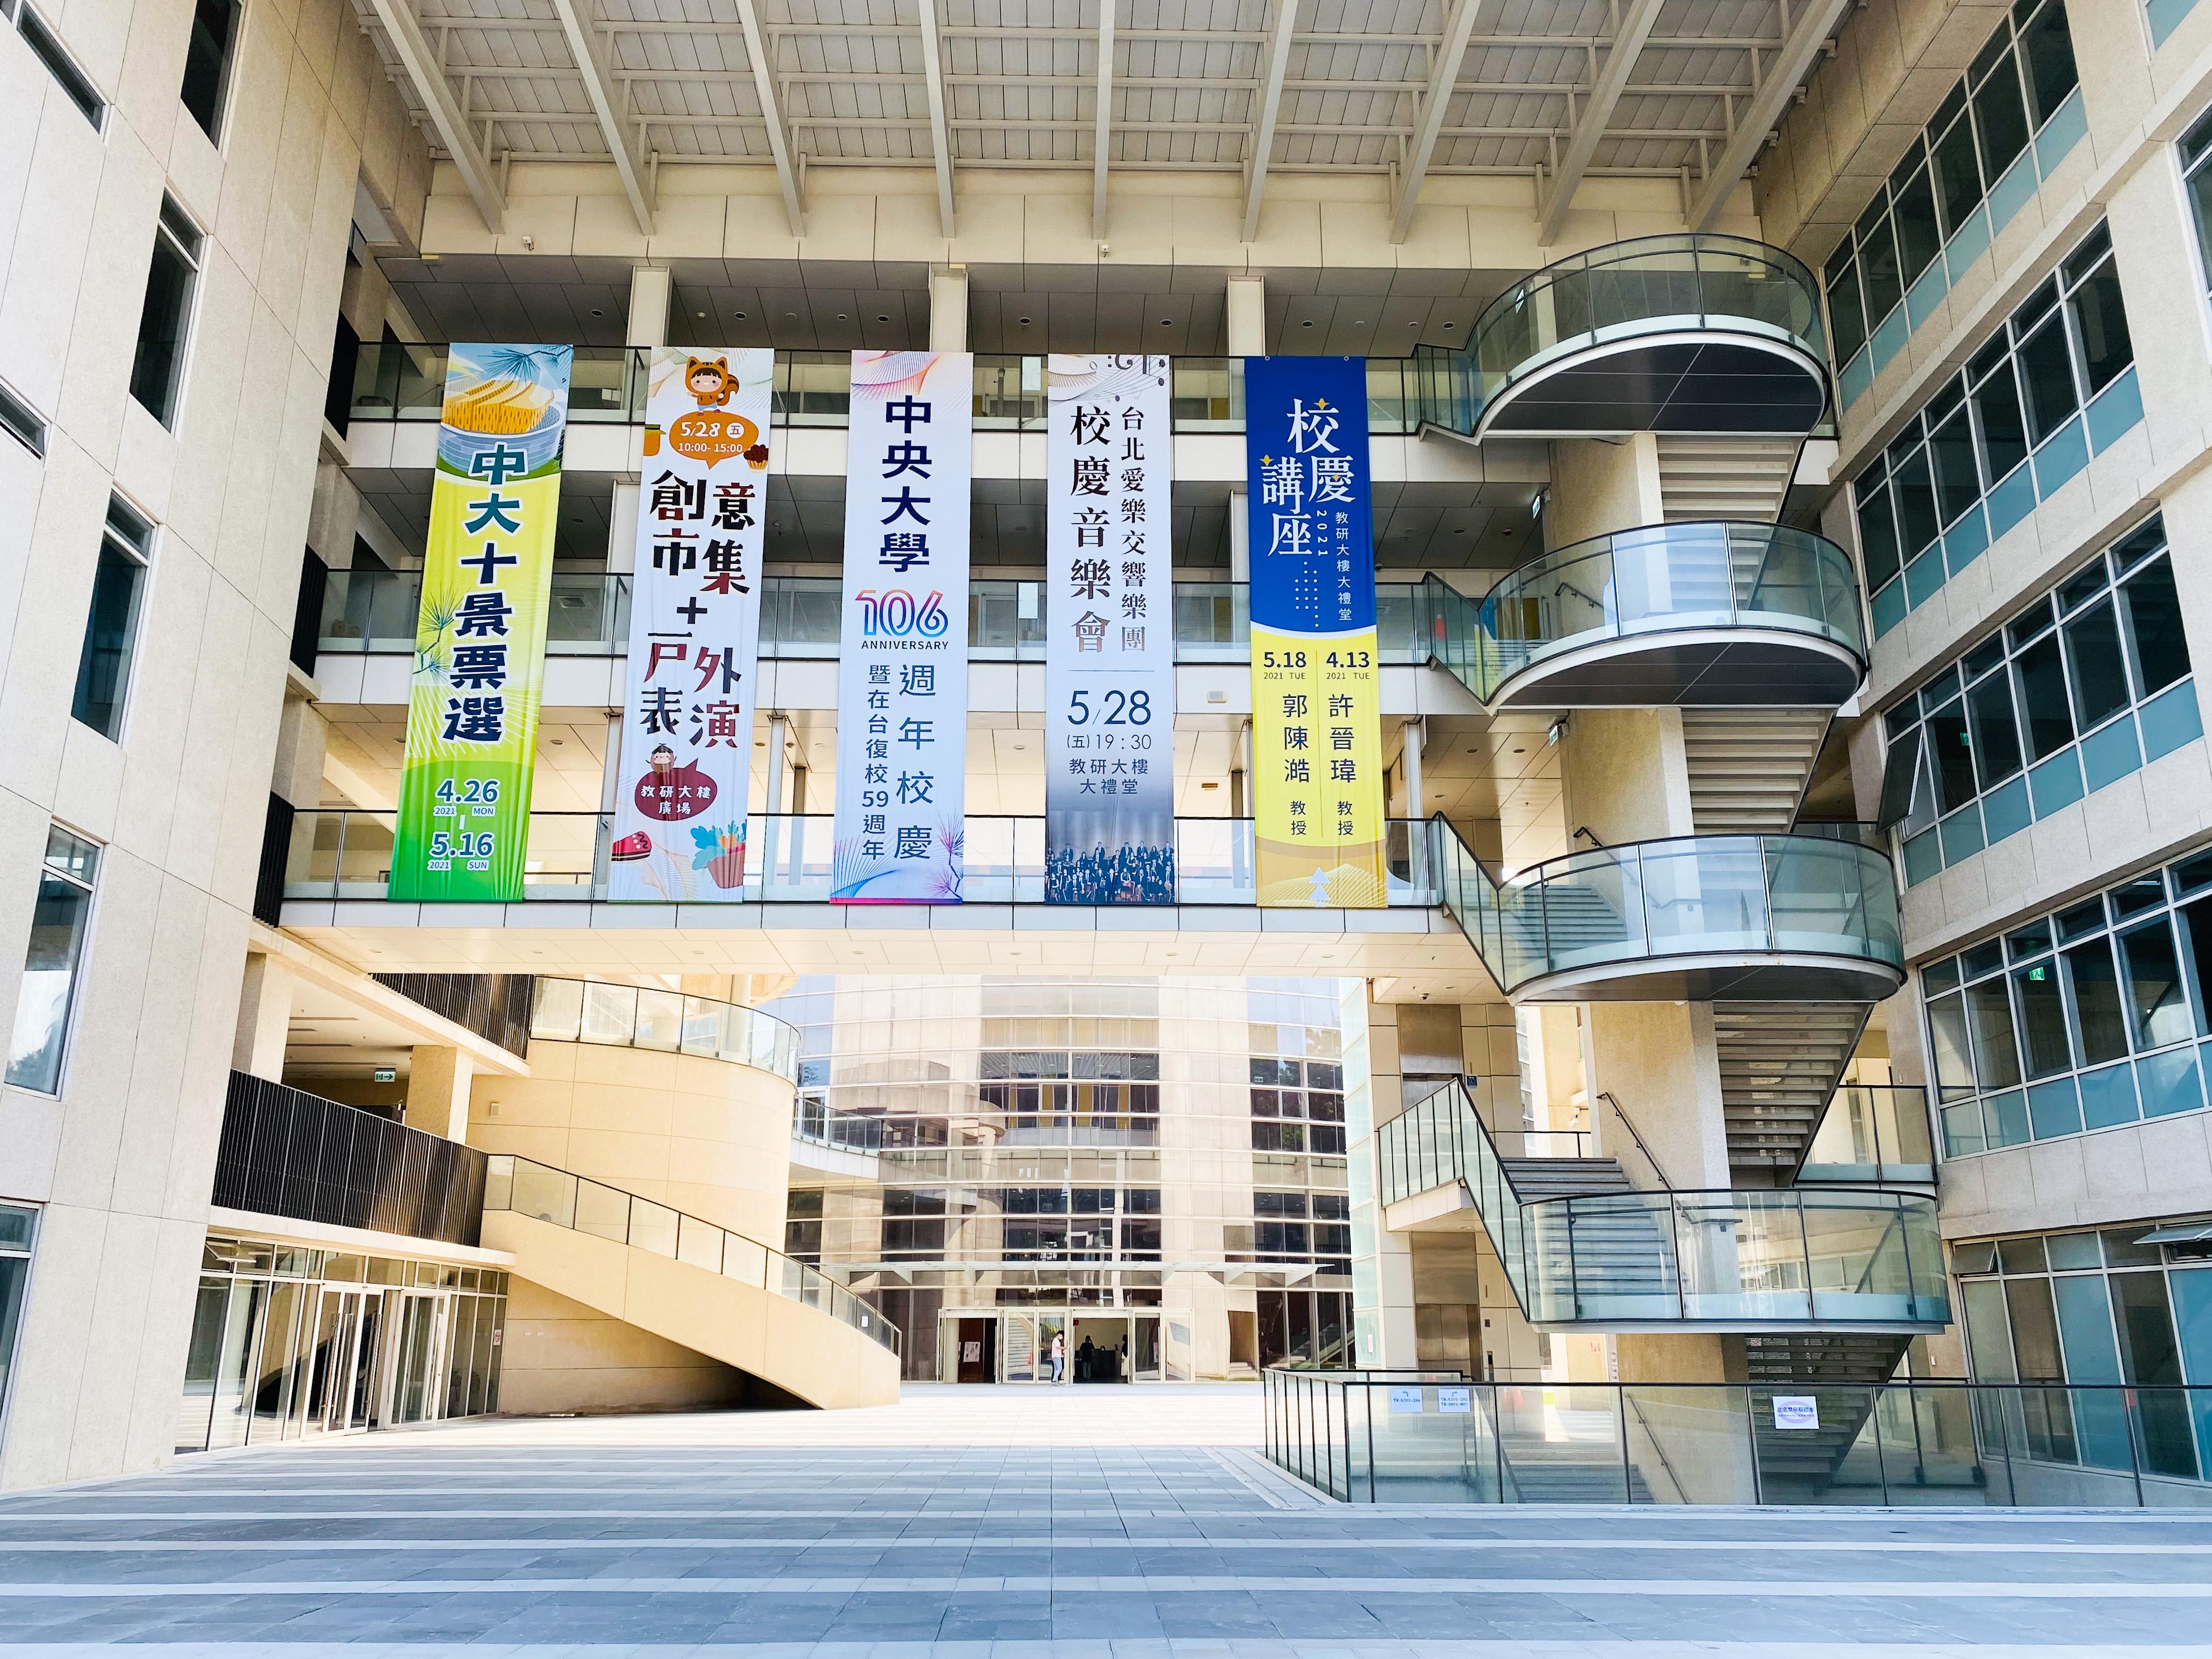 教學研究綜合大樓(Teaching & Research Building)